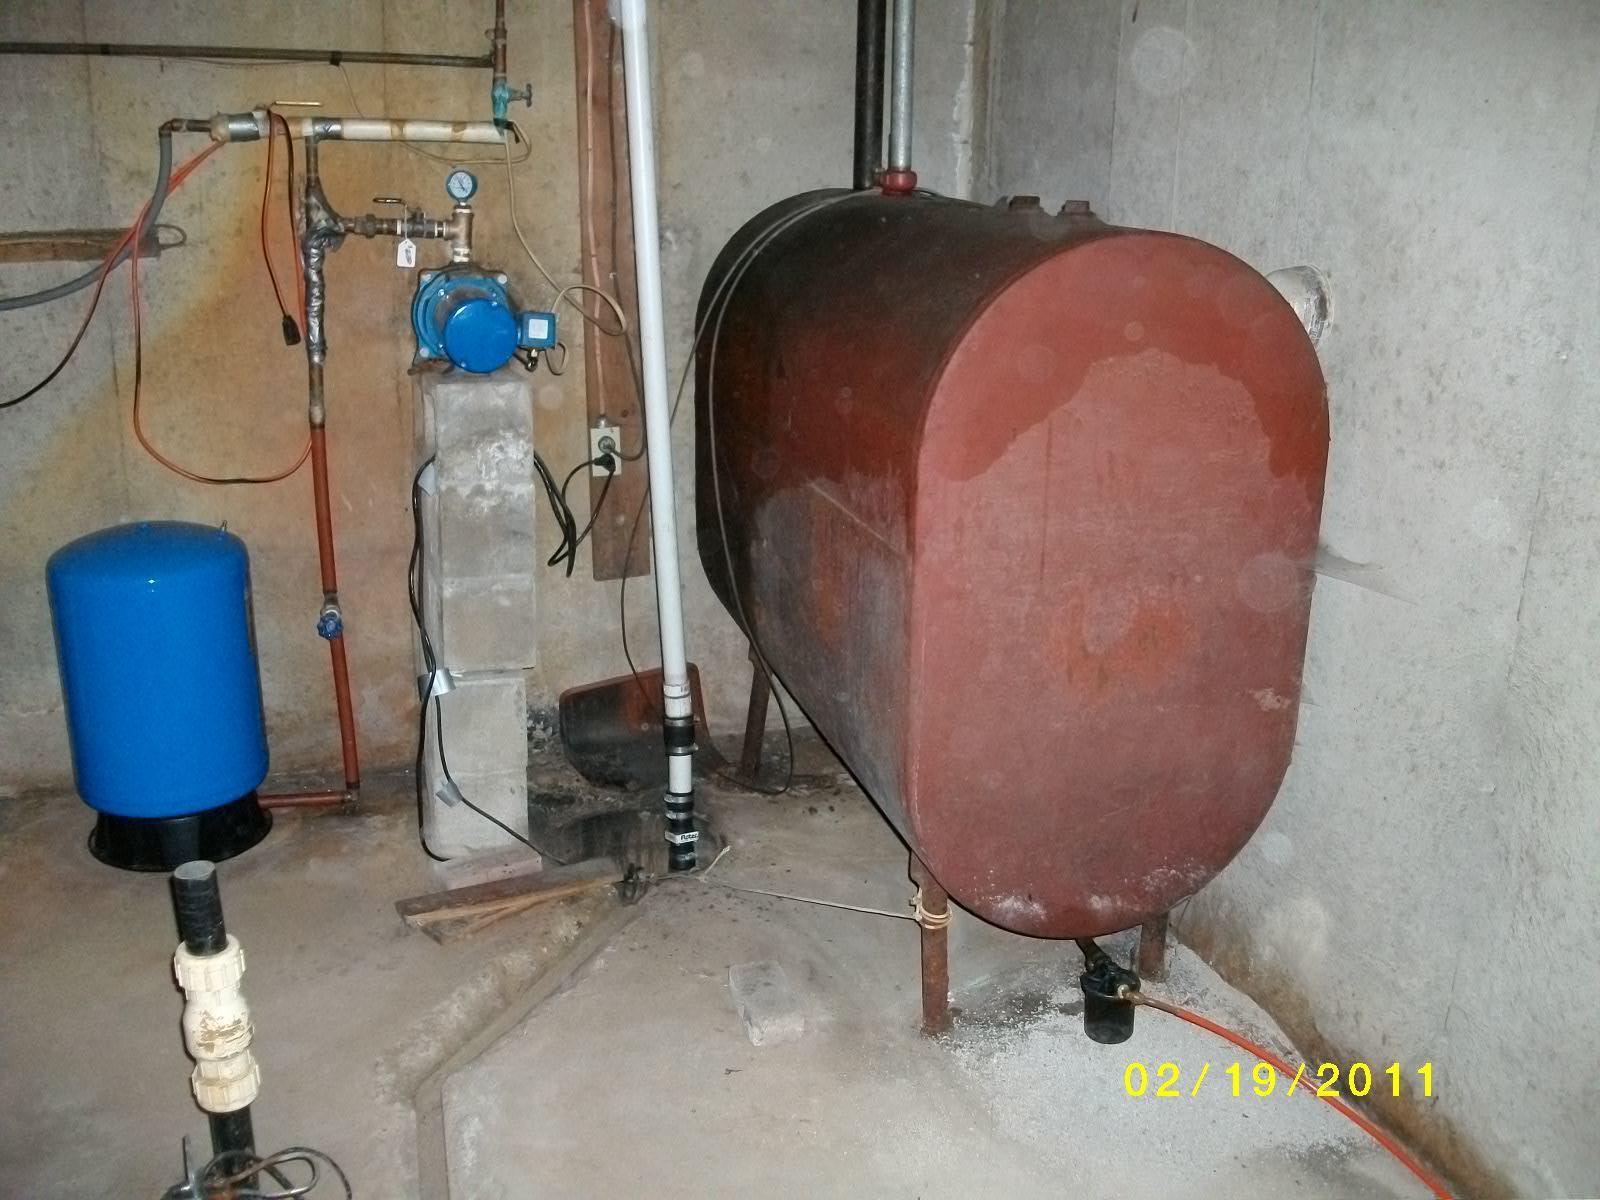 Wet Basement in Cobalt, CT